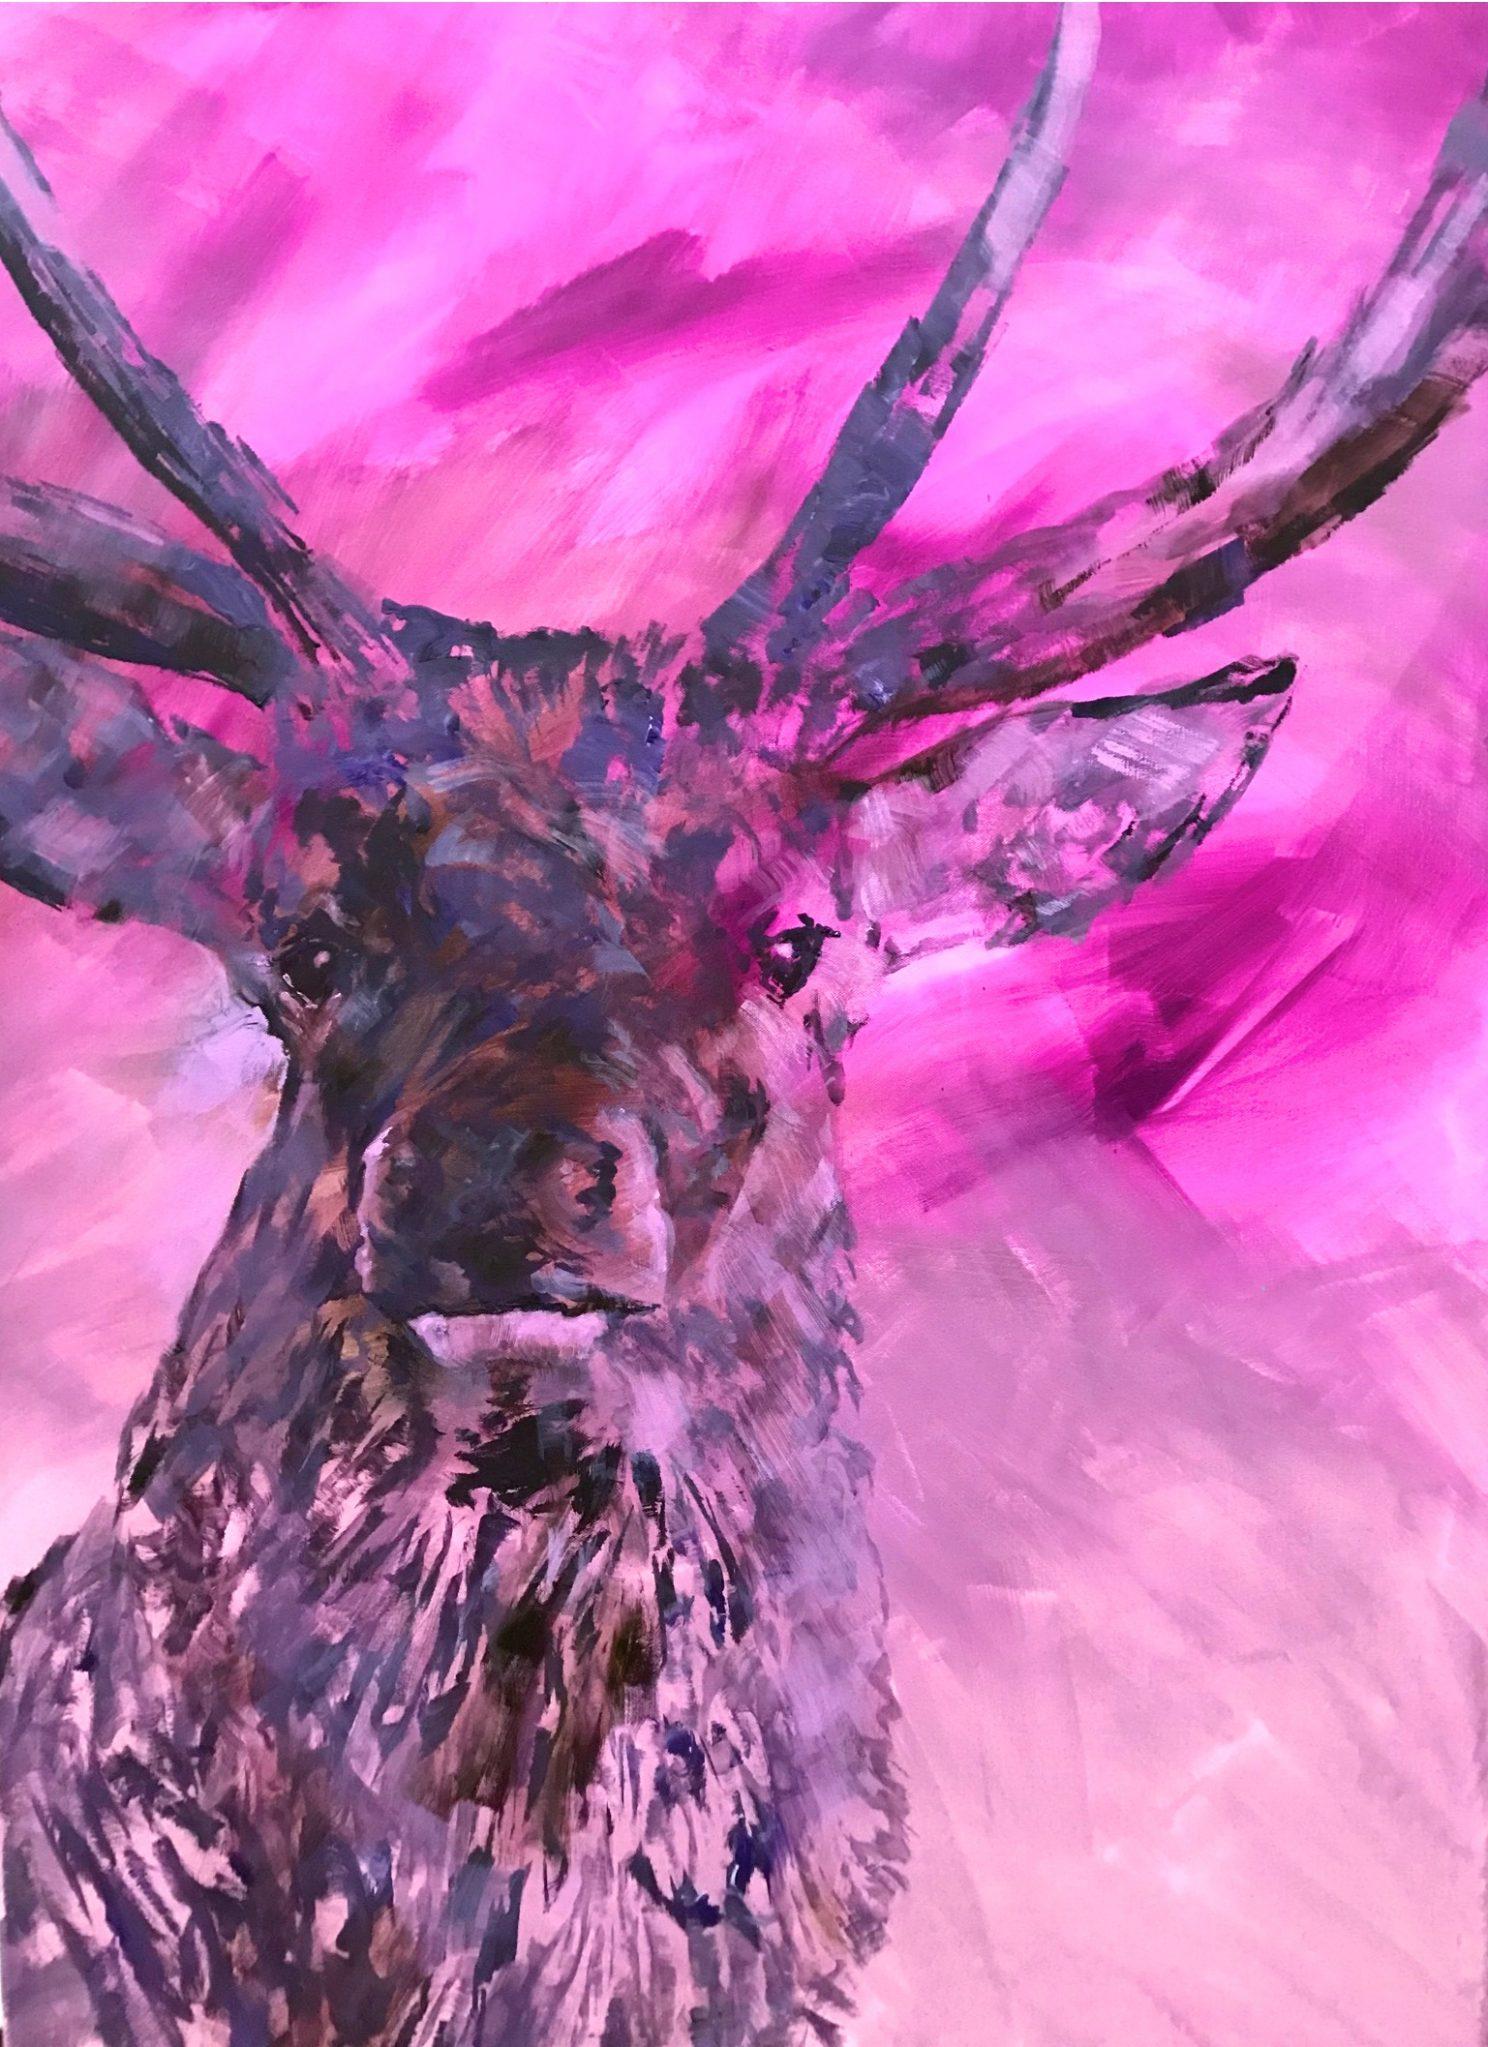 Hirsch in pink